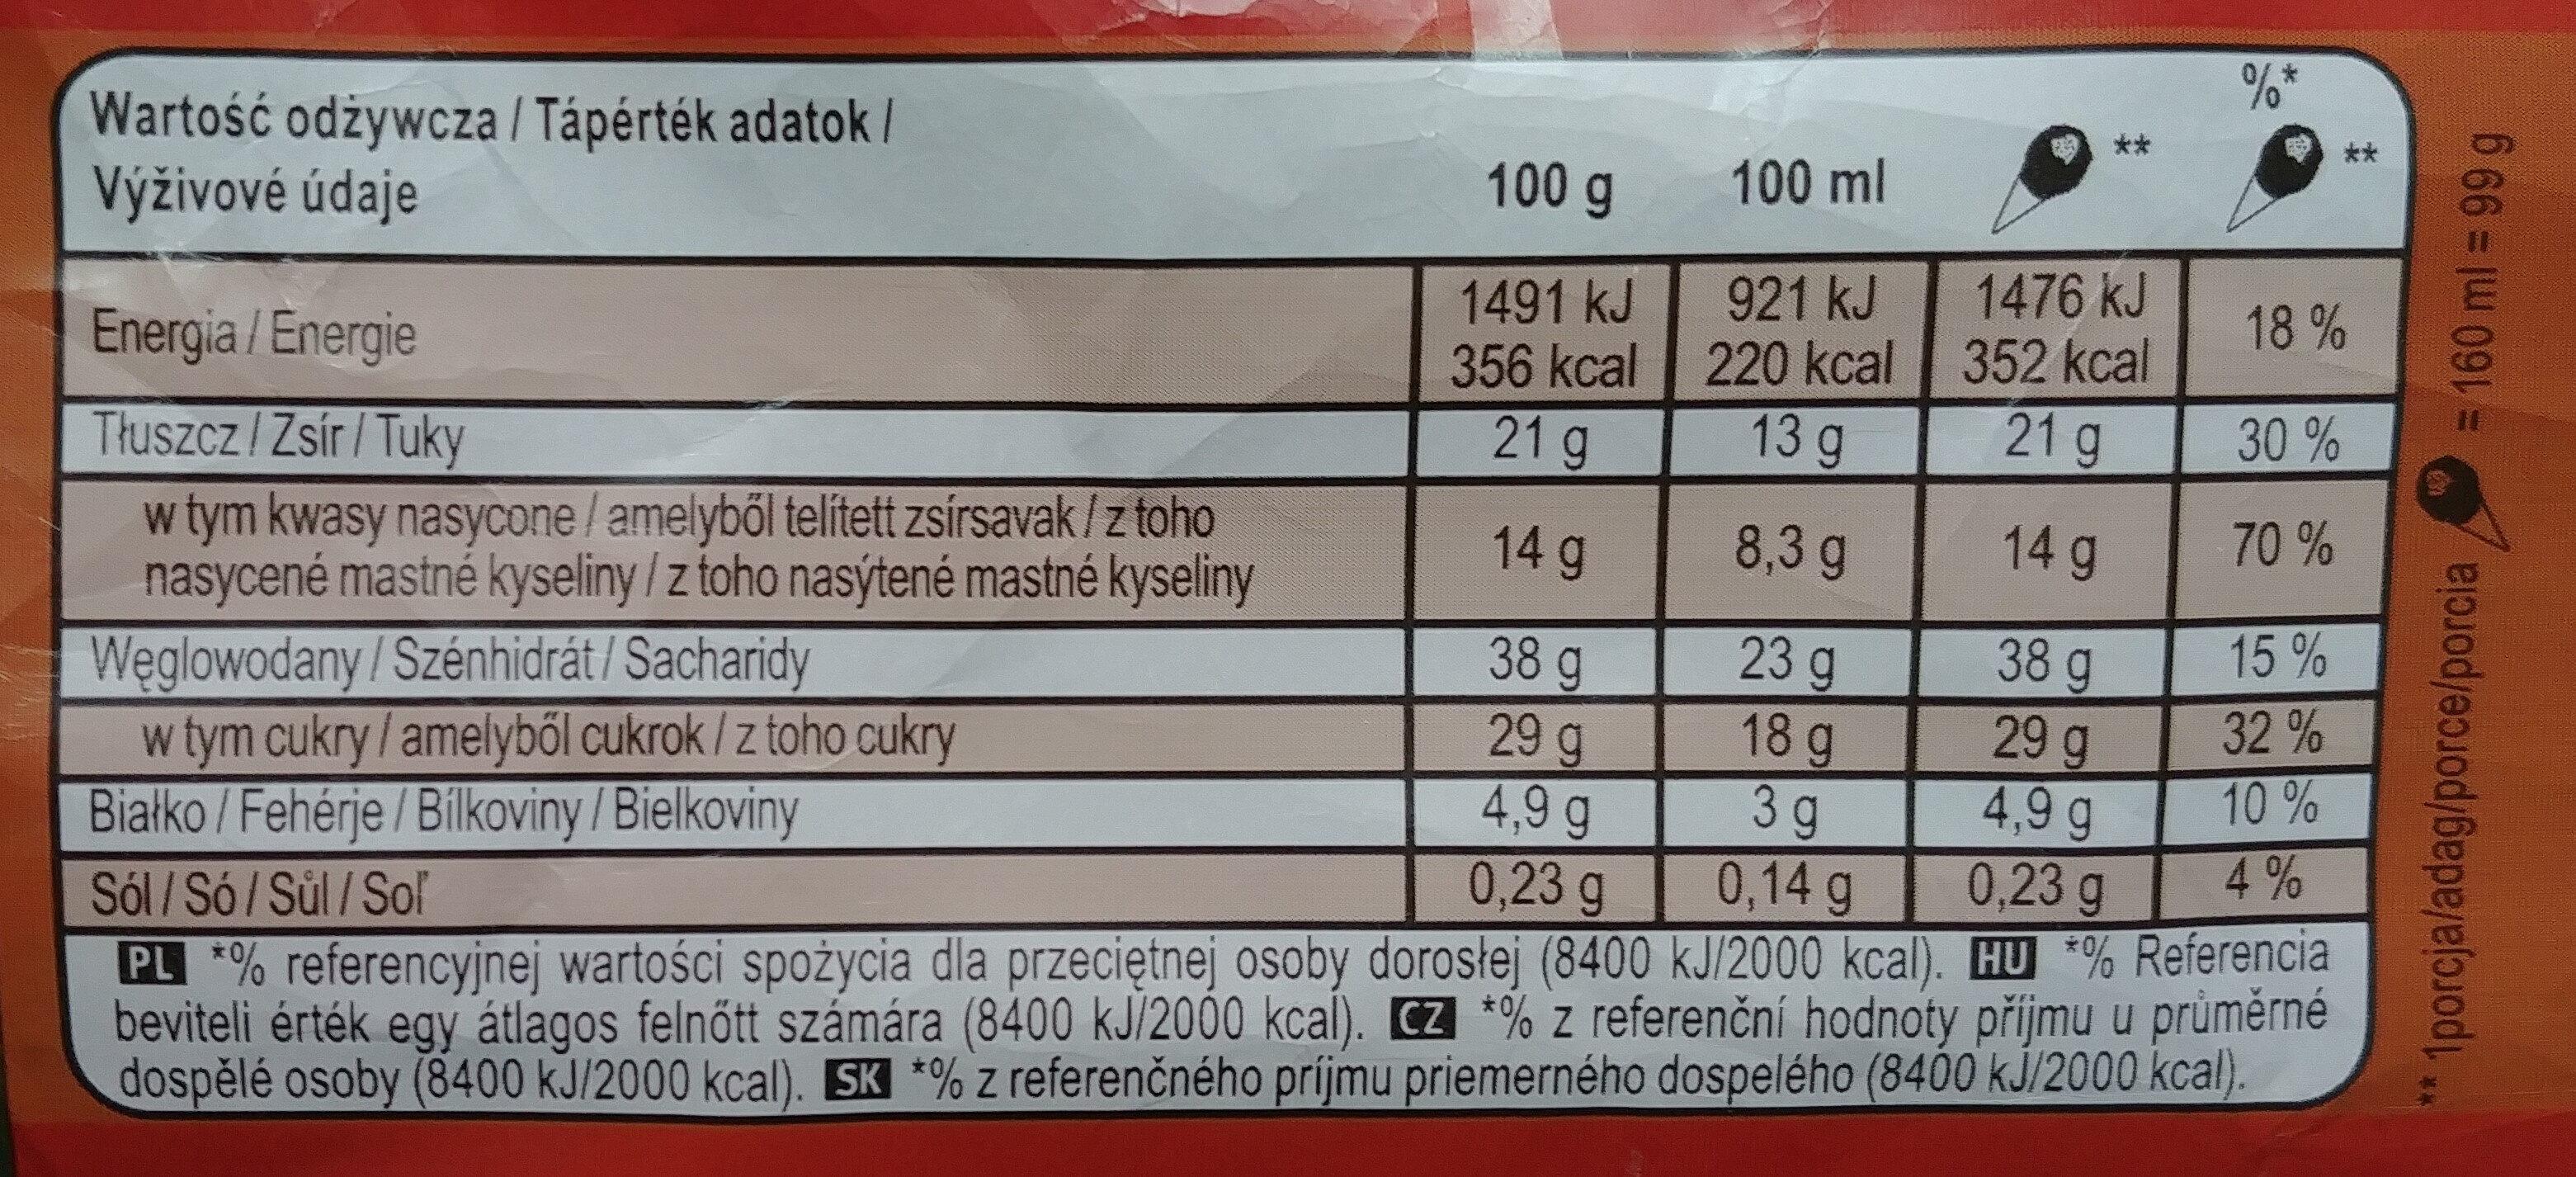 Lody o smaku waniliowym z kawałkami mlecznej czekolady 6% w rozku waflowym 14% z polewą kakaową 4% - Wartości odżywcze - pl